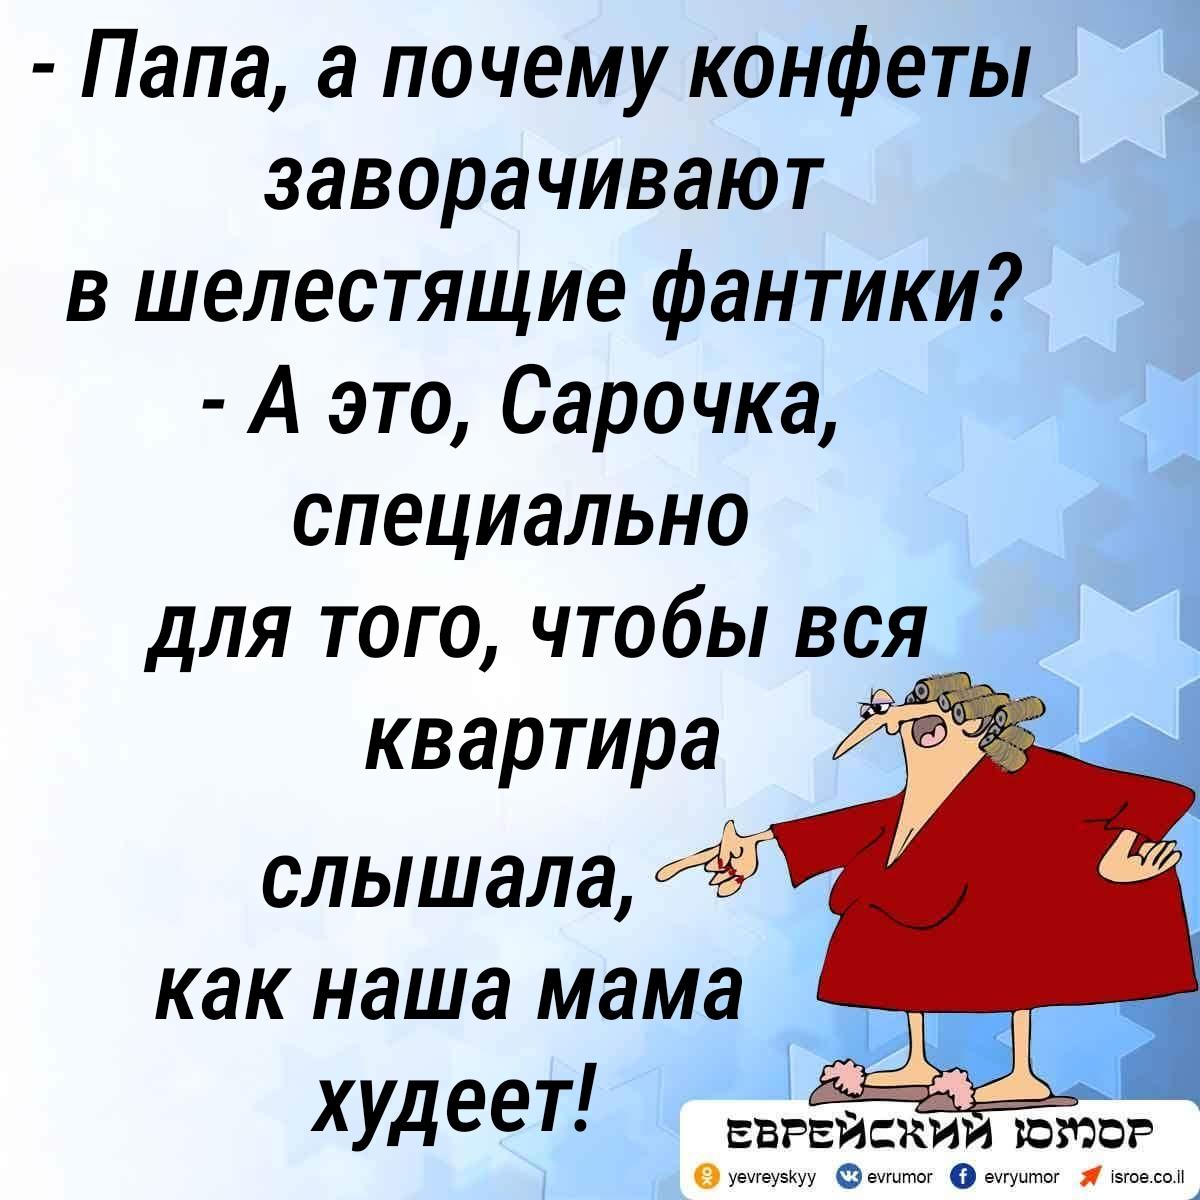 Еврейский юмор. Одесский анекдот. Диета